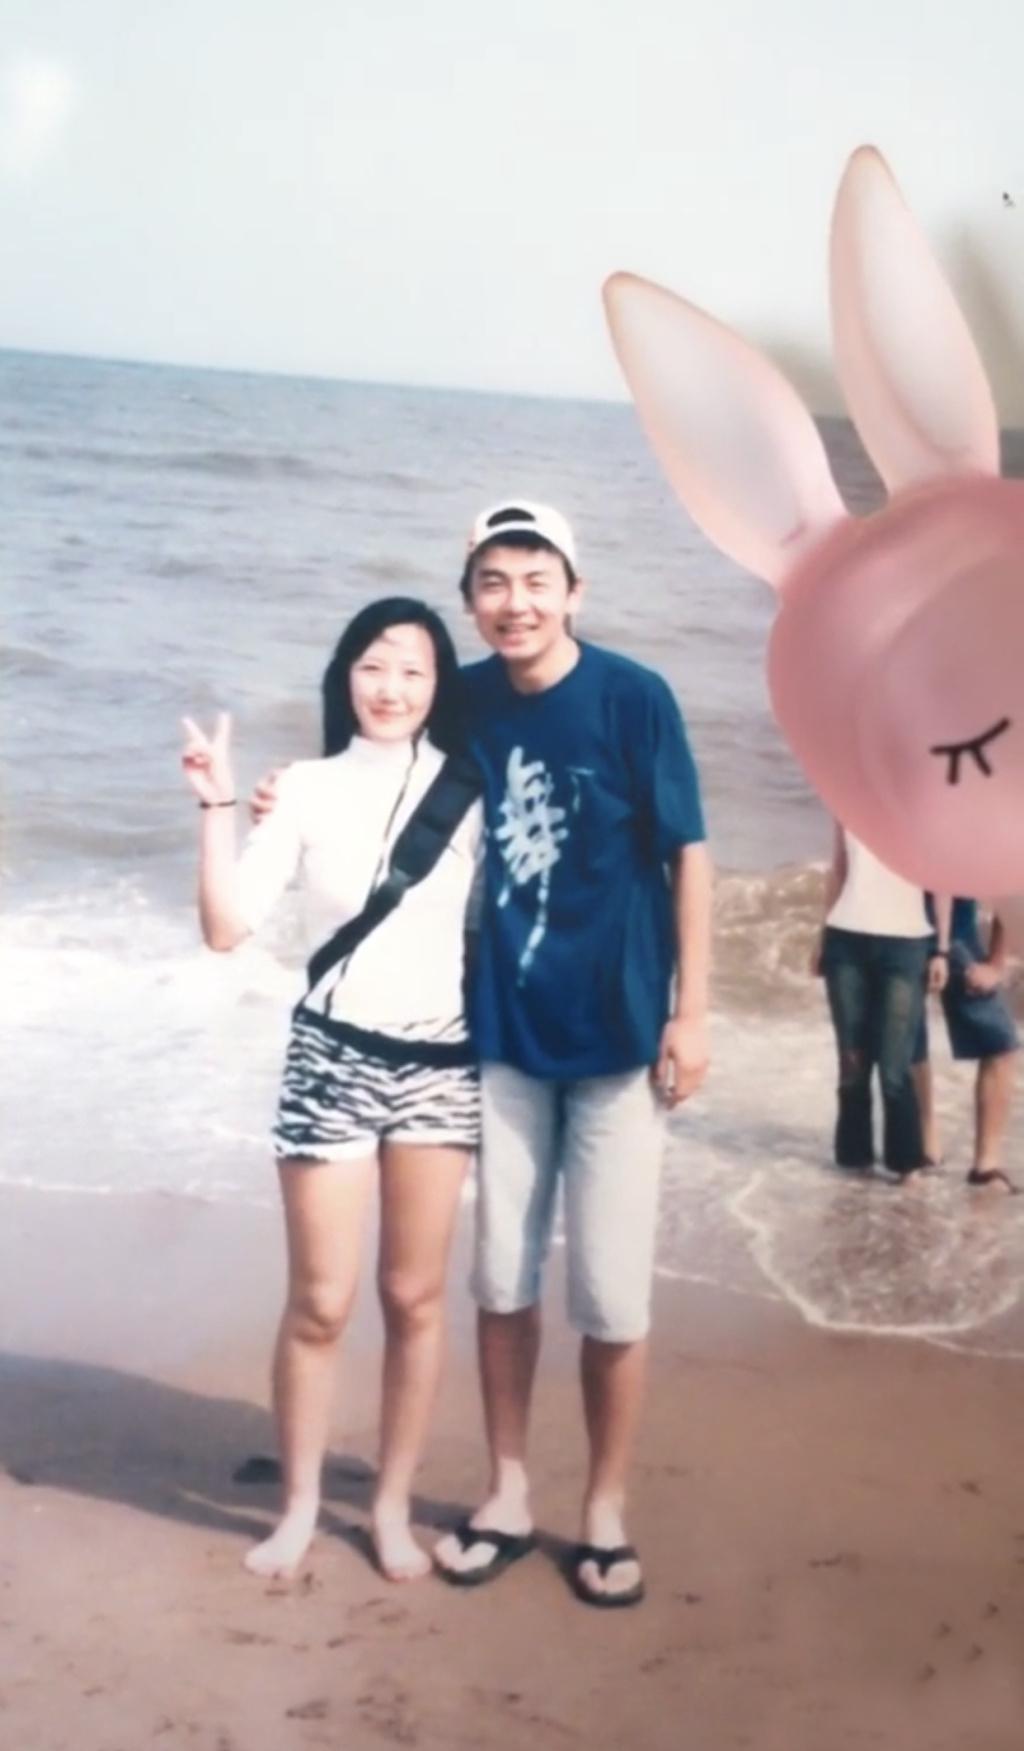 雷佳音16岁旧照又高又帅 网友:头没现在大啊